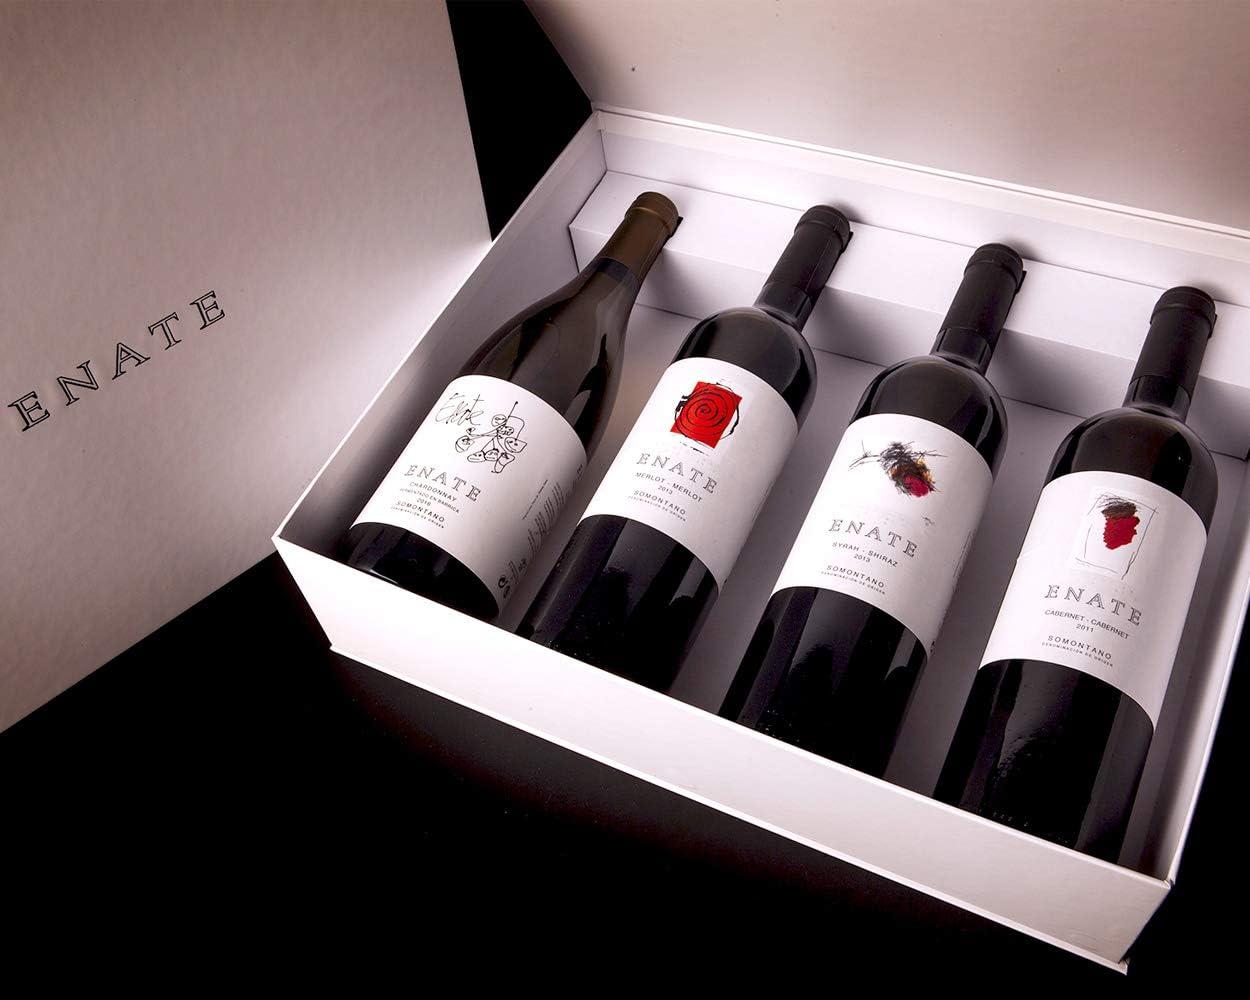 Estuche ENATE Monovarietales de 4 Botellas de 75 cl, Vino Tinto y Vino Blanco, DO Somontano, Vinos de Crianza: Amazon.es: Alimentación y bebidas